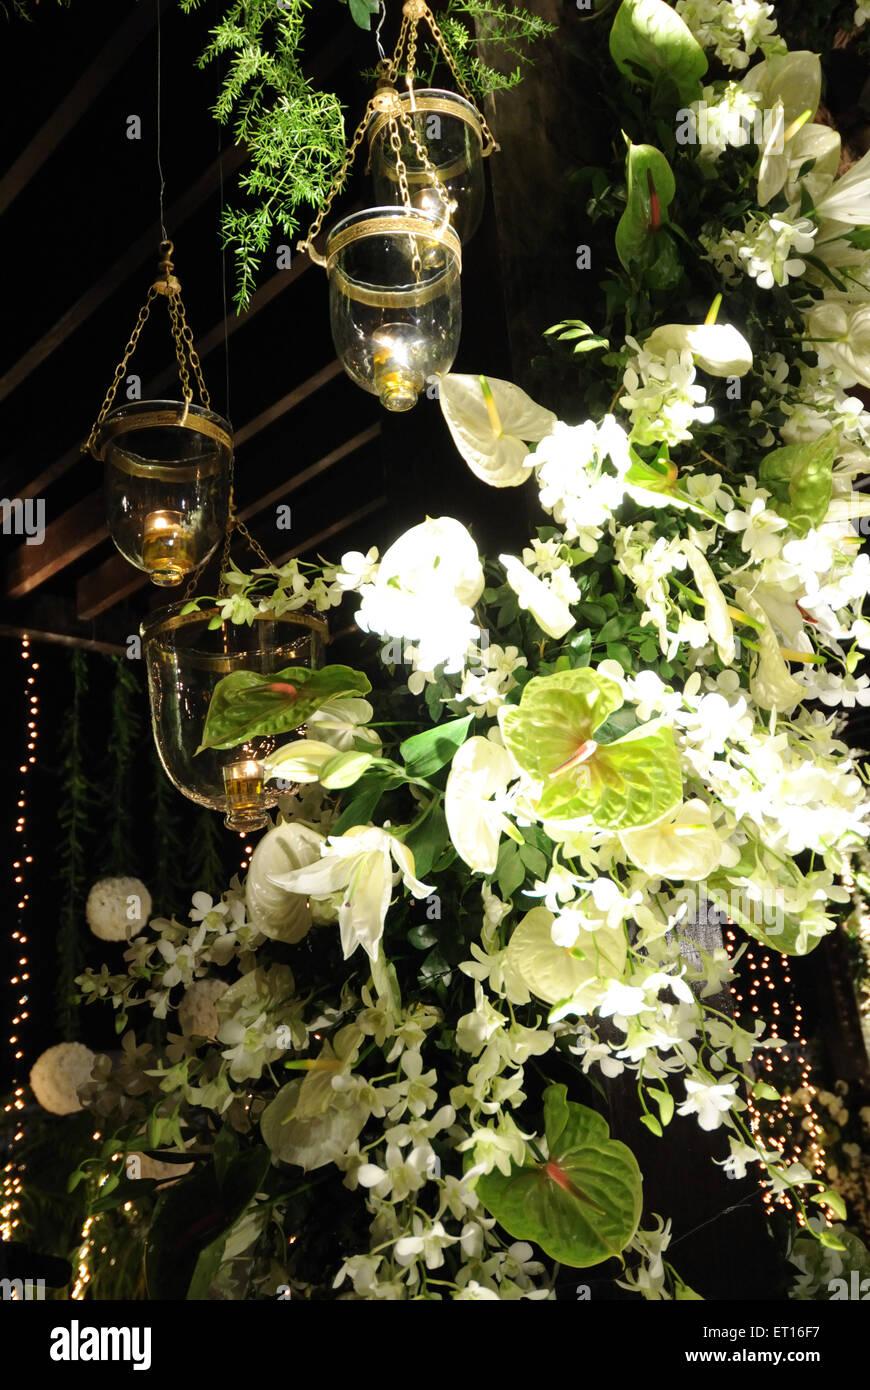 Anthurien und Orchideen Blumendekoration Stockbild